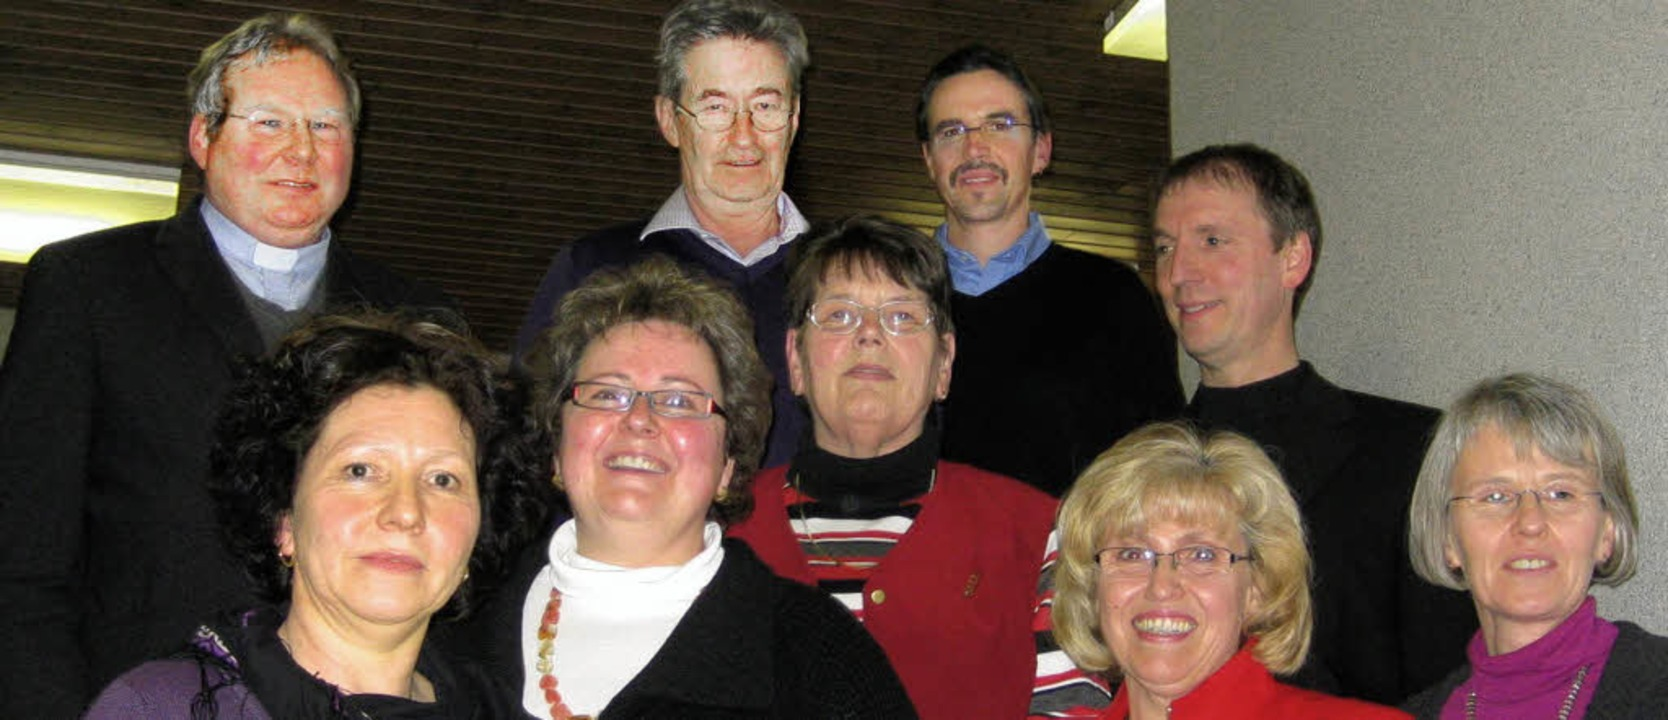 Der Vorstand des Chores mit seinen neu gewählten Mitgliedern  | Foto: Marcus Seuser